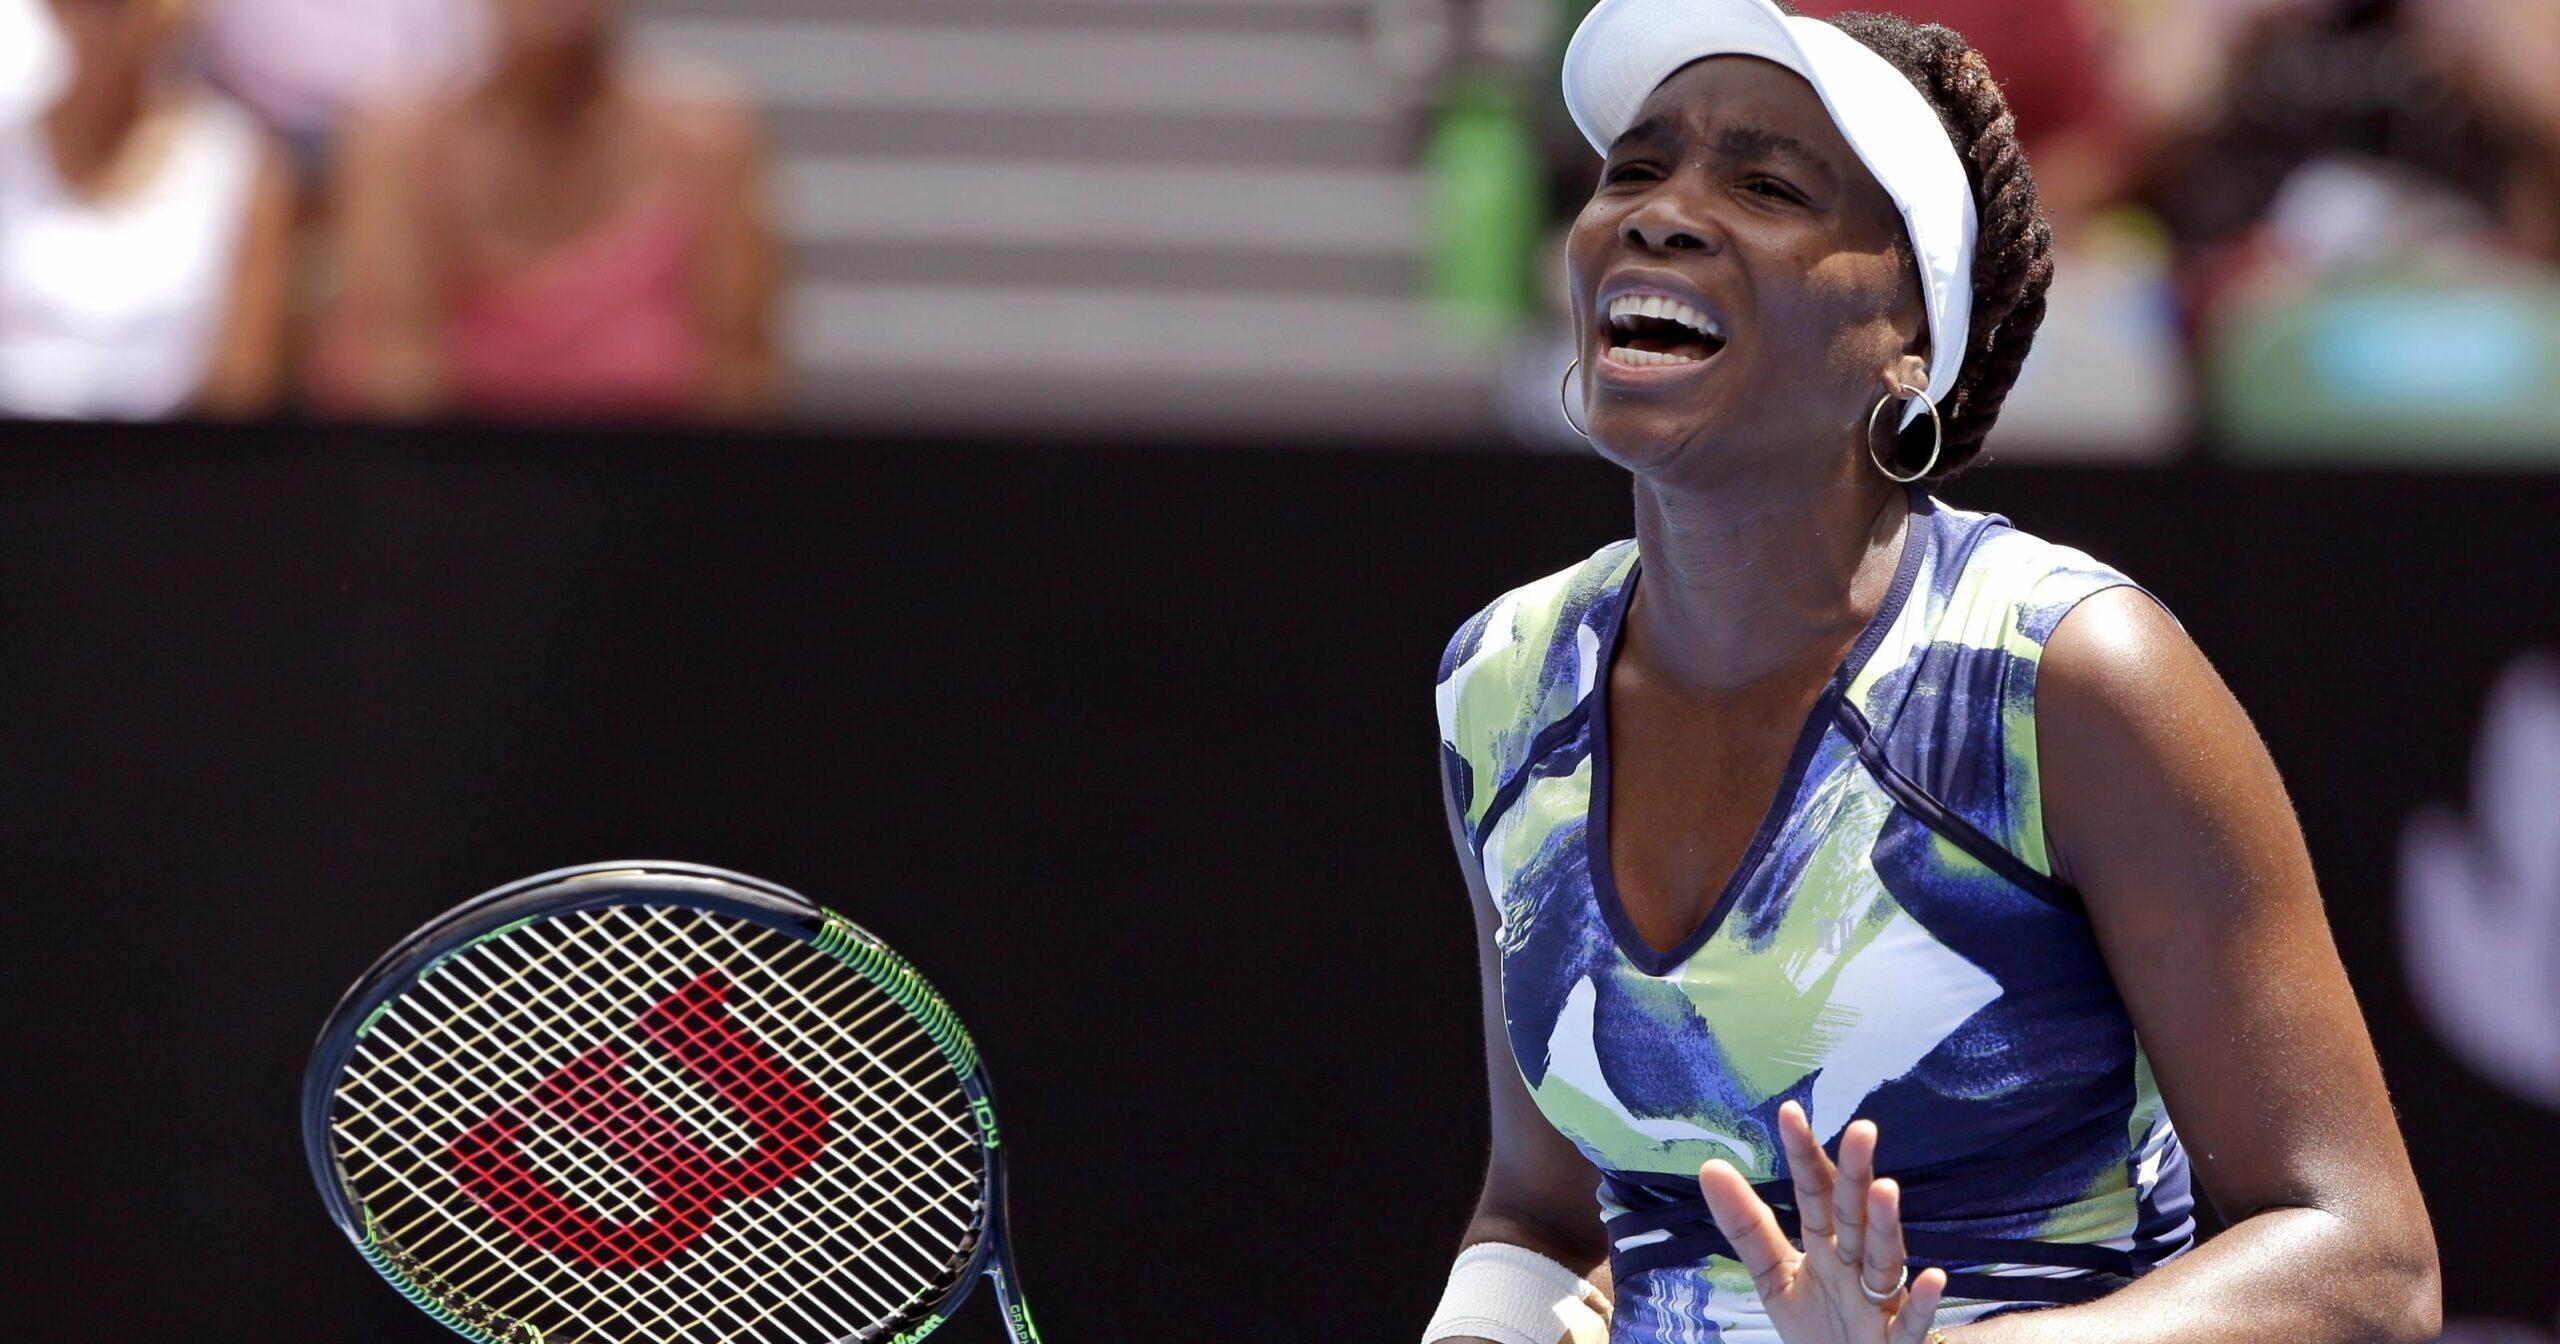 Pictures of Venus Williams